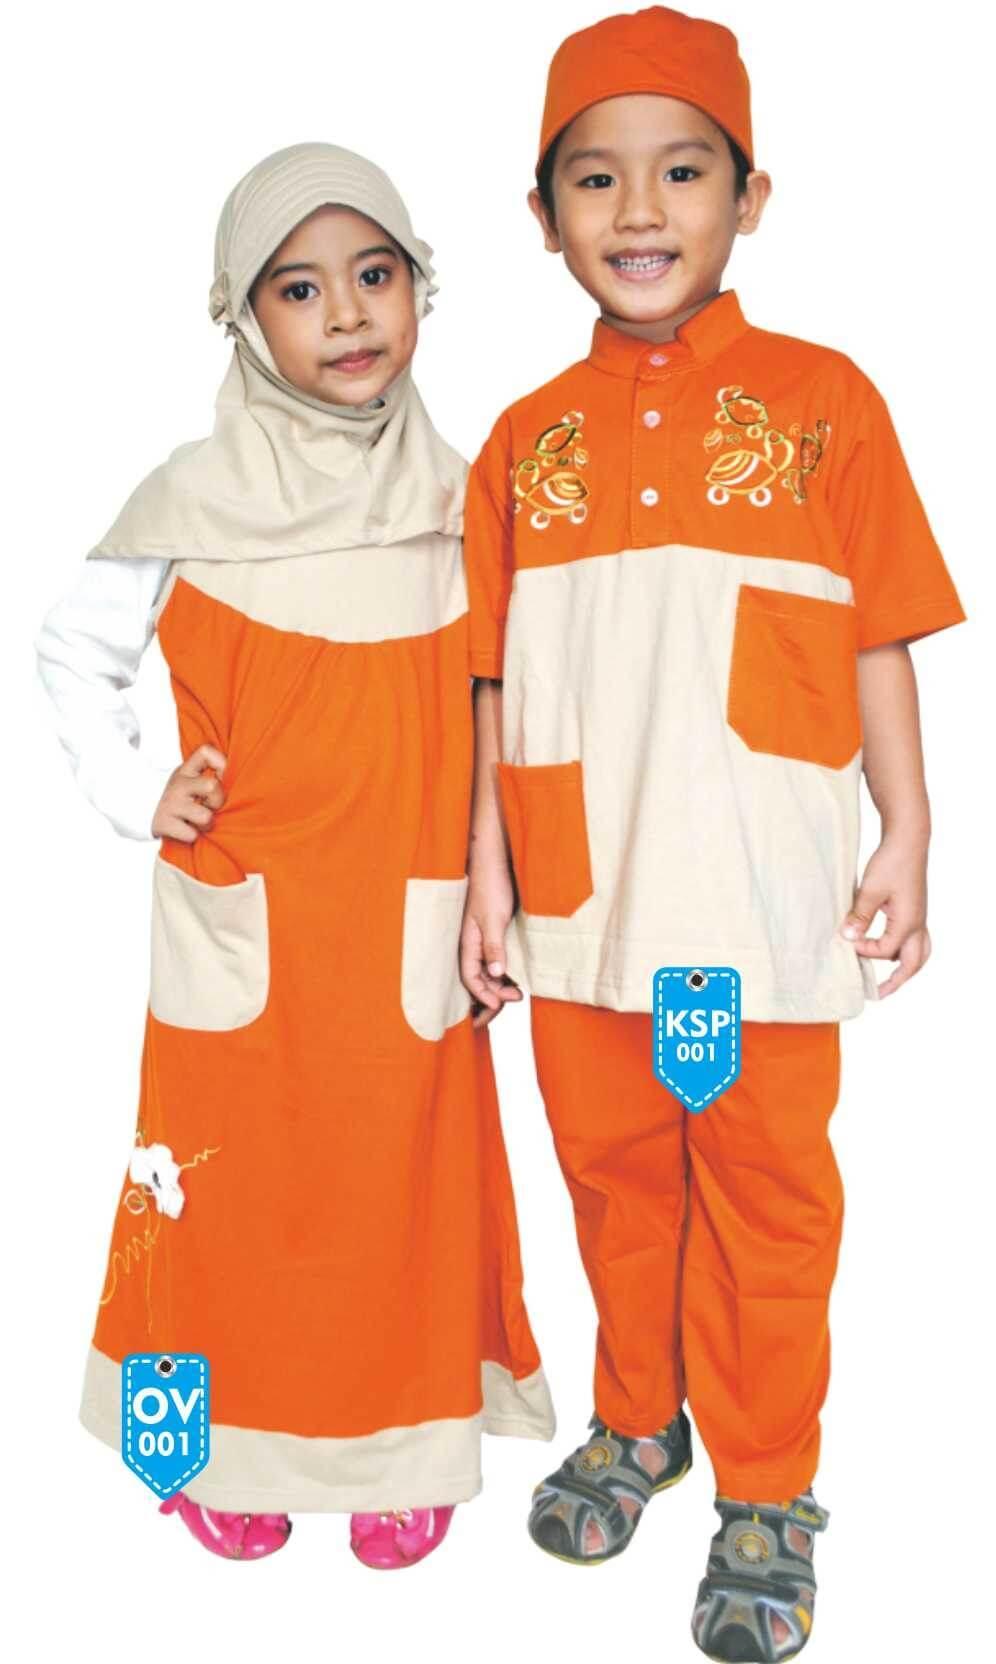 OV01-orange